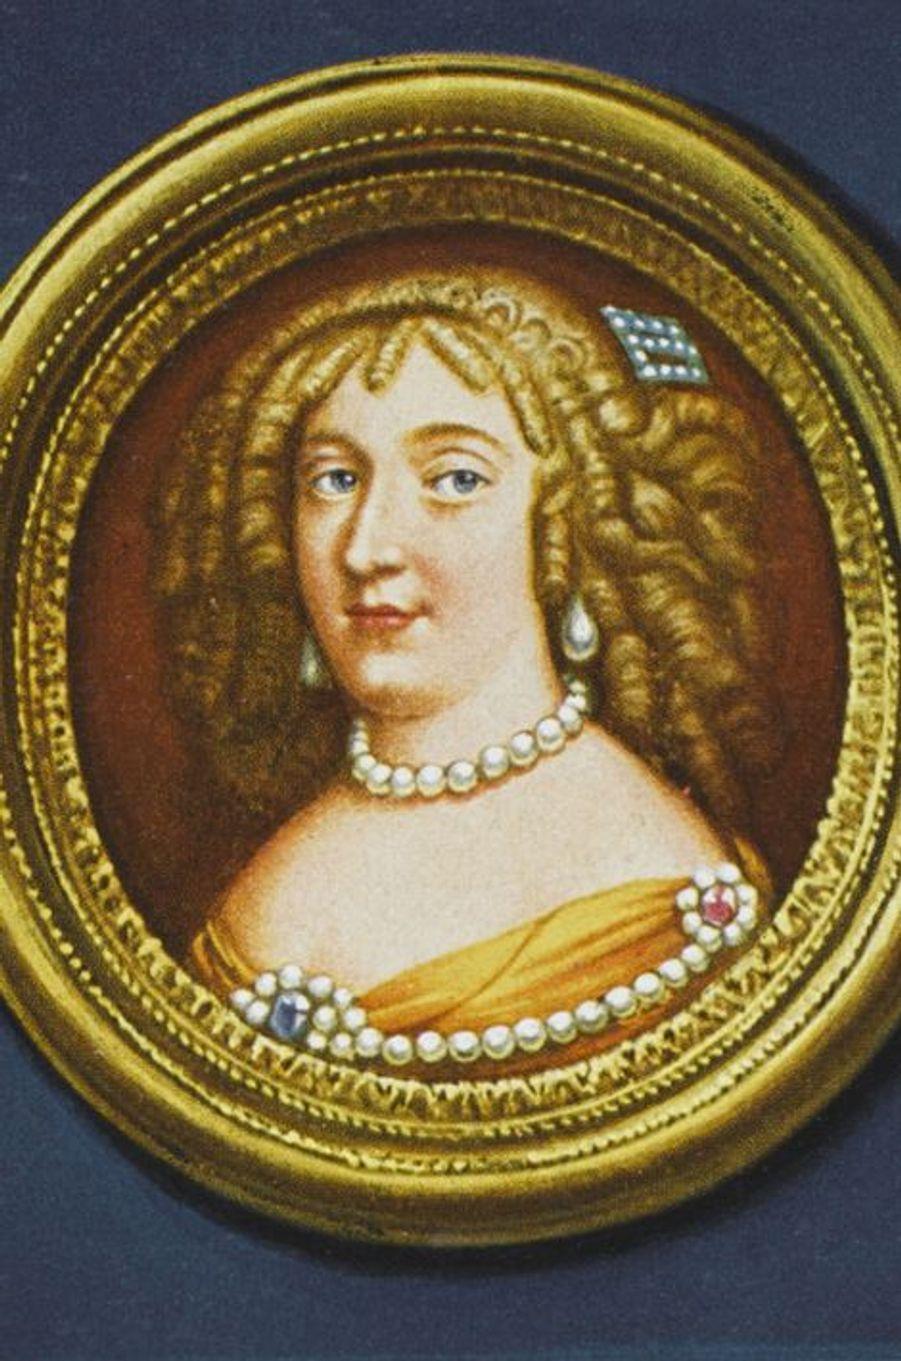 Madame de Maintenon (1635-1719), l'une de ses favorites puis sa seconde épouseC'est dans une prison, celle de Niort très exactement, que Françoise d'Aubigné (petite-fille du poète Agrippa d'Aubigné) voit le jour le 27 novembre 1635, son père y étant incarcéré pour dettes. Orpheline et sans le sou, elle se marie à 16 ans avec le poète Paul Scarron de 25 ans son aîné. Si celui-ci lui apporte un énorme bagage culturel et fait d'elle la reine de son salon parisien du Marais, fréquenté par les écrivains de l'époque, il ne lui laisse malheureusement que des dettes à sa mort en 1660. D'abord titulaire d'une pension de la reine mère Anne d'Autriche, puis du roi, la jeune femme, qui s'est liée d'amitié avec Françoise Athénaïs de Montespan, devient en 1670 la gouvernante des enfants illégitimes et cachés de celle-ci et de Louis XIV. En 1675, toujours sur les conseils de la marquise de Montespan, le roi Soleil lui octroie le titre de Madame de Maintenon, puis cinq ans plus tard la charge de «dame d'atour» de la Dauphine. Françoise d'Aubigné ne se contentera pas de cela. Elle saura séduire le roi, au point de l'inciter à faire d'elle non seulement sa maîtresse, mais aussi son épouse secrète après le décès de la reine Marie-Thérèse d'Autriche.Madame de Maintenon meurt le 15 avril 1719, 3 ans et demi après Louis XIV, à l'âge de 83 ans.